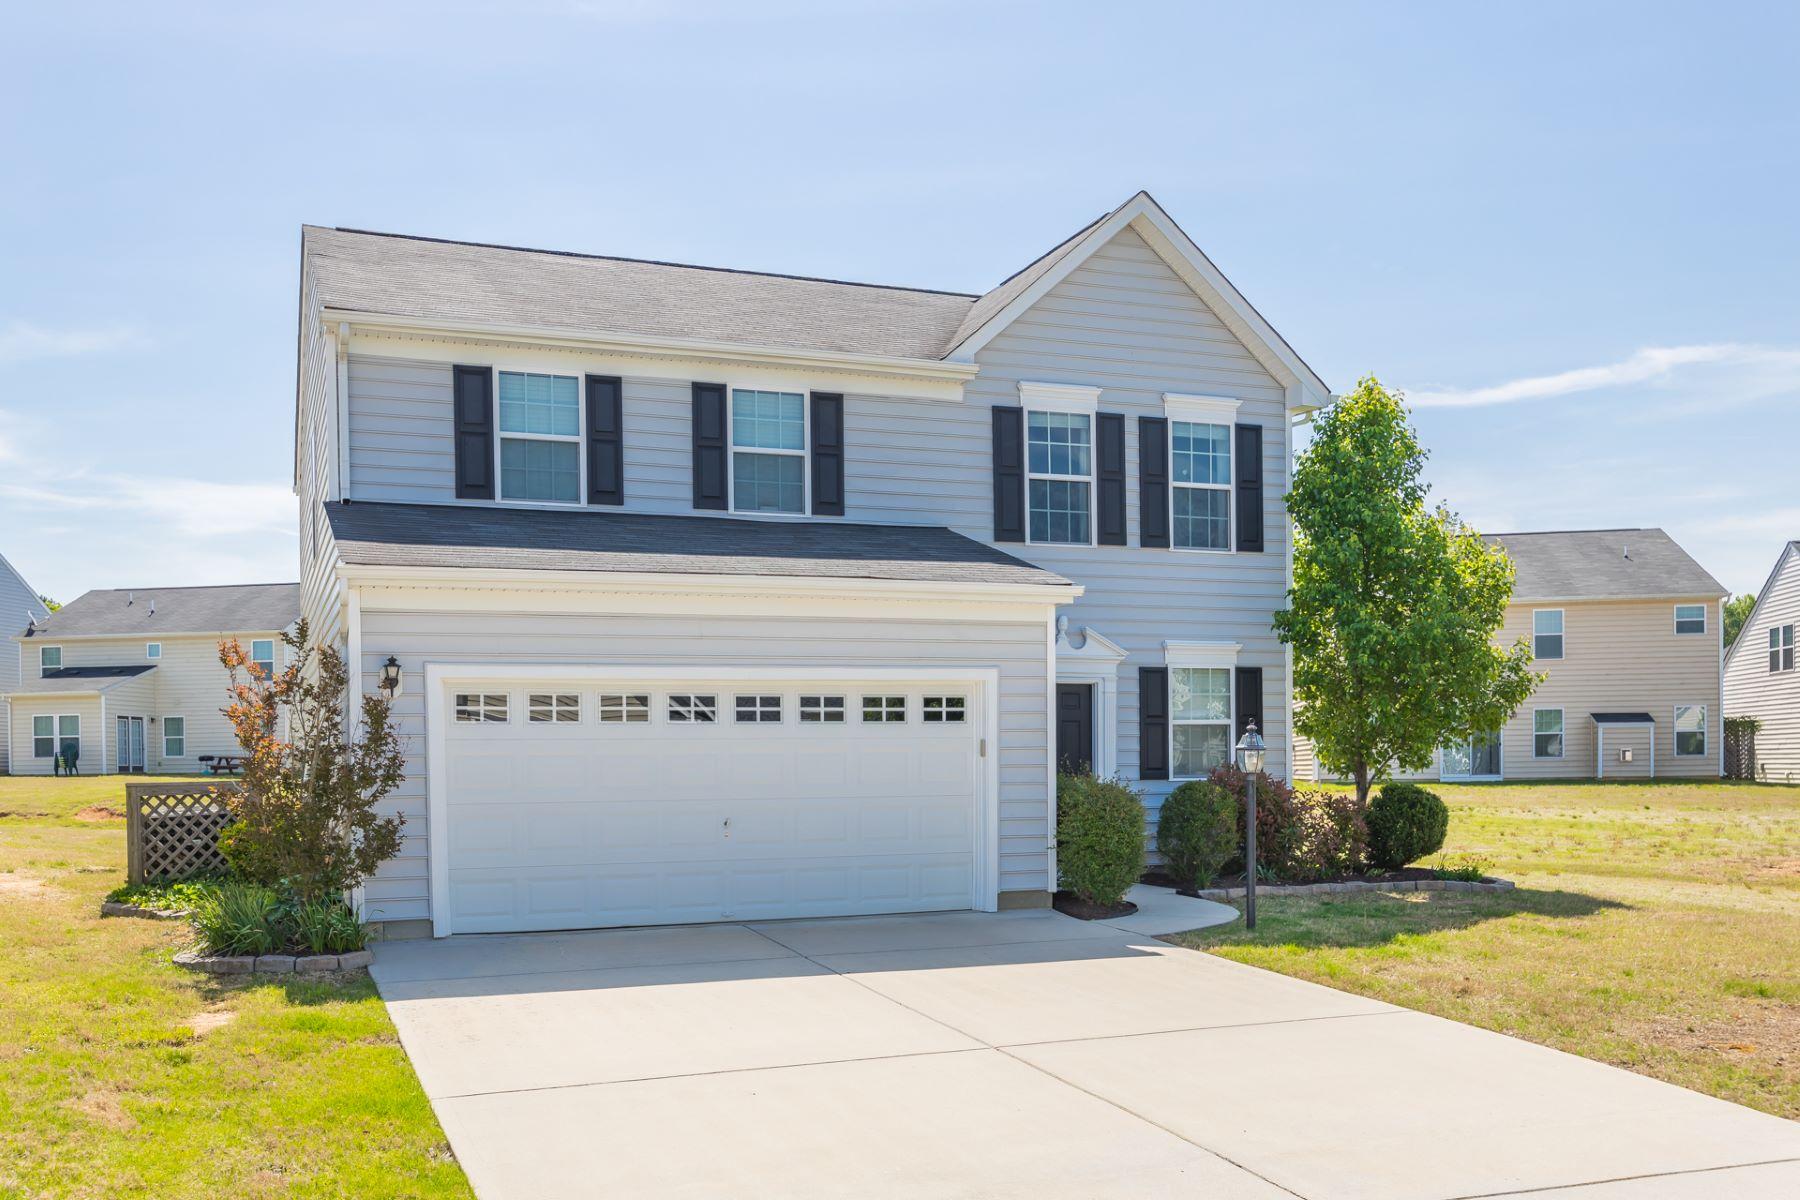 Casa Unifamiliar por un Venta en Oakmont Villas at Kent 5665 Hogan Bridge Drive Providence Forge, Virginia 23140 Estados Unidos